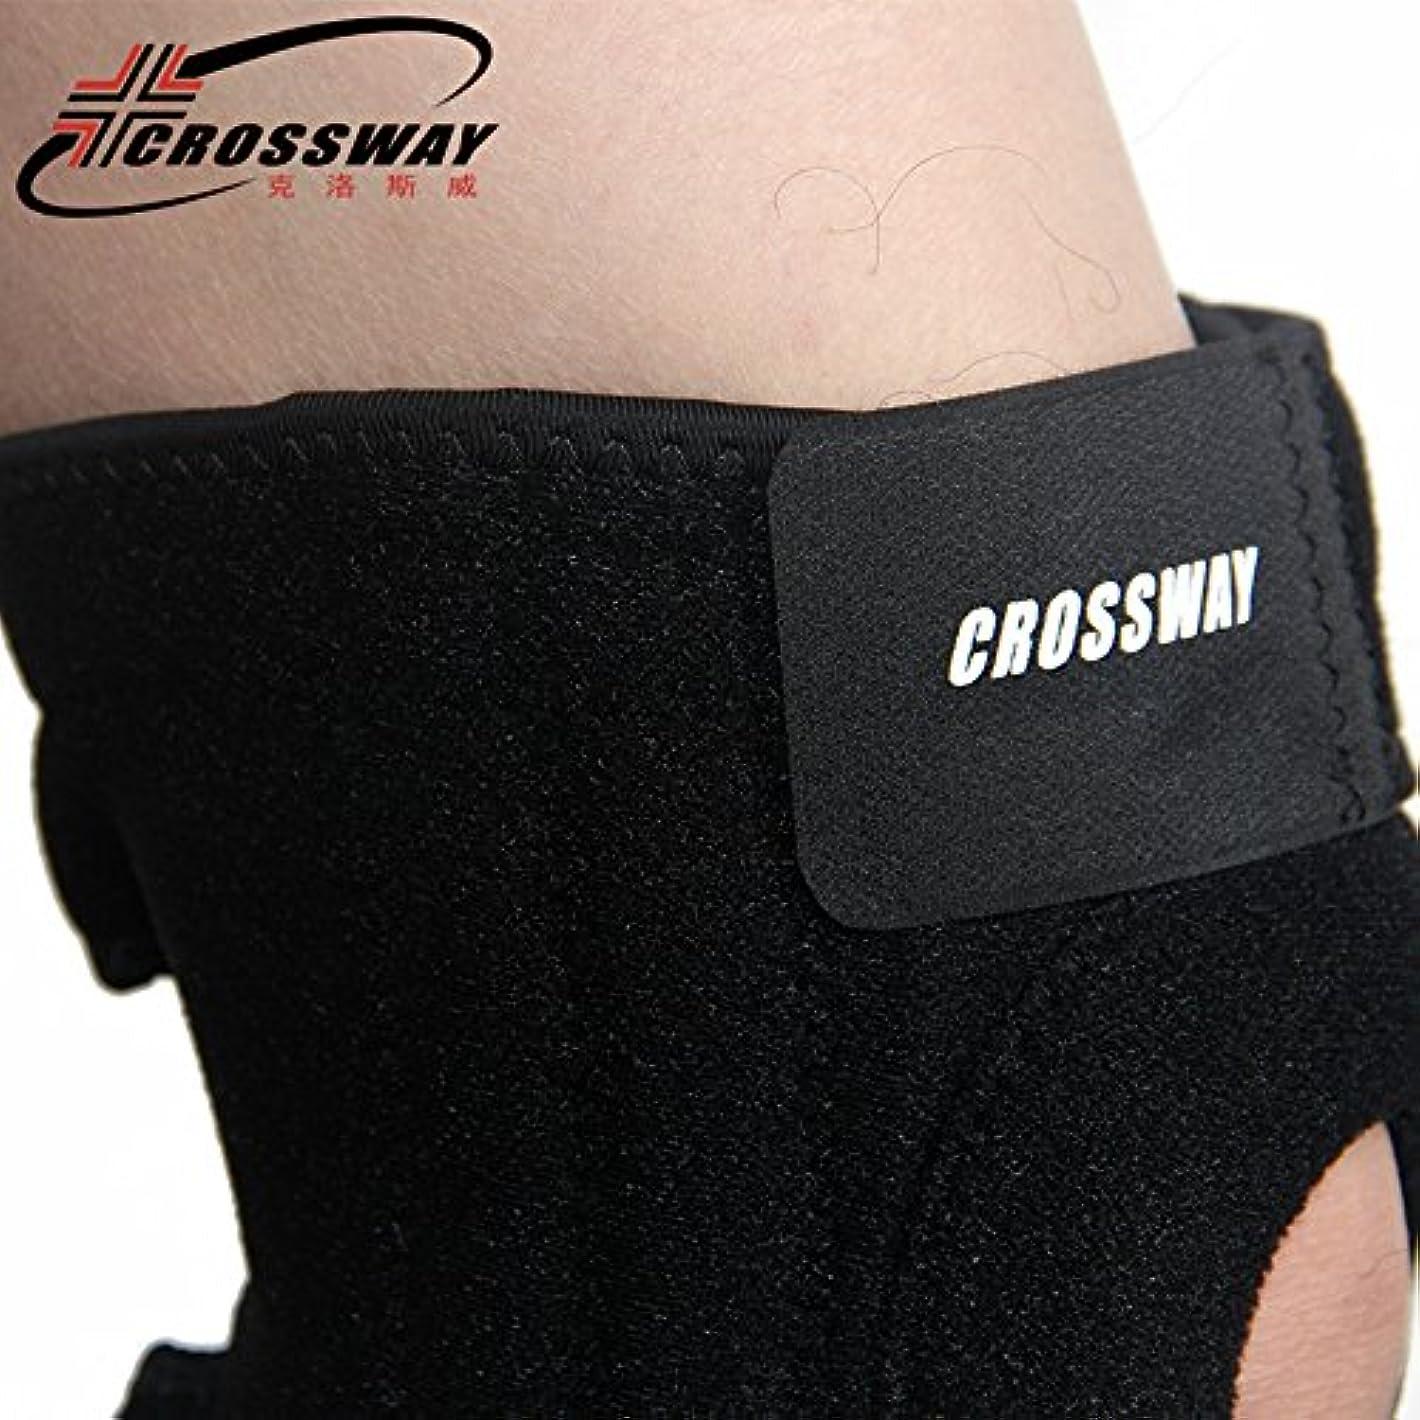 サイクロプス遊具チャペルZIME 膝のブレース、調節可能なブレースと内蔵のスプリングジョイント保護ギア、弱いまたは過度のストレスを受けた膝の快適な圧縮を提供 (内蔵2スプリング)